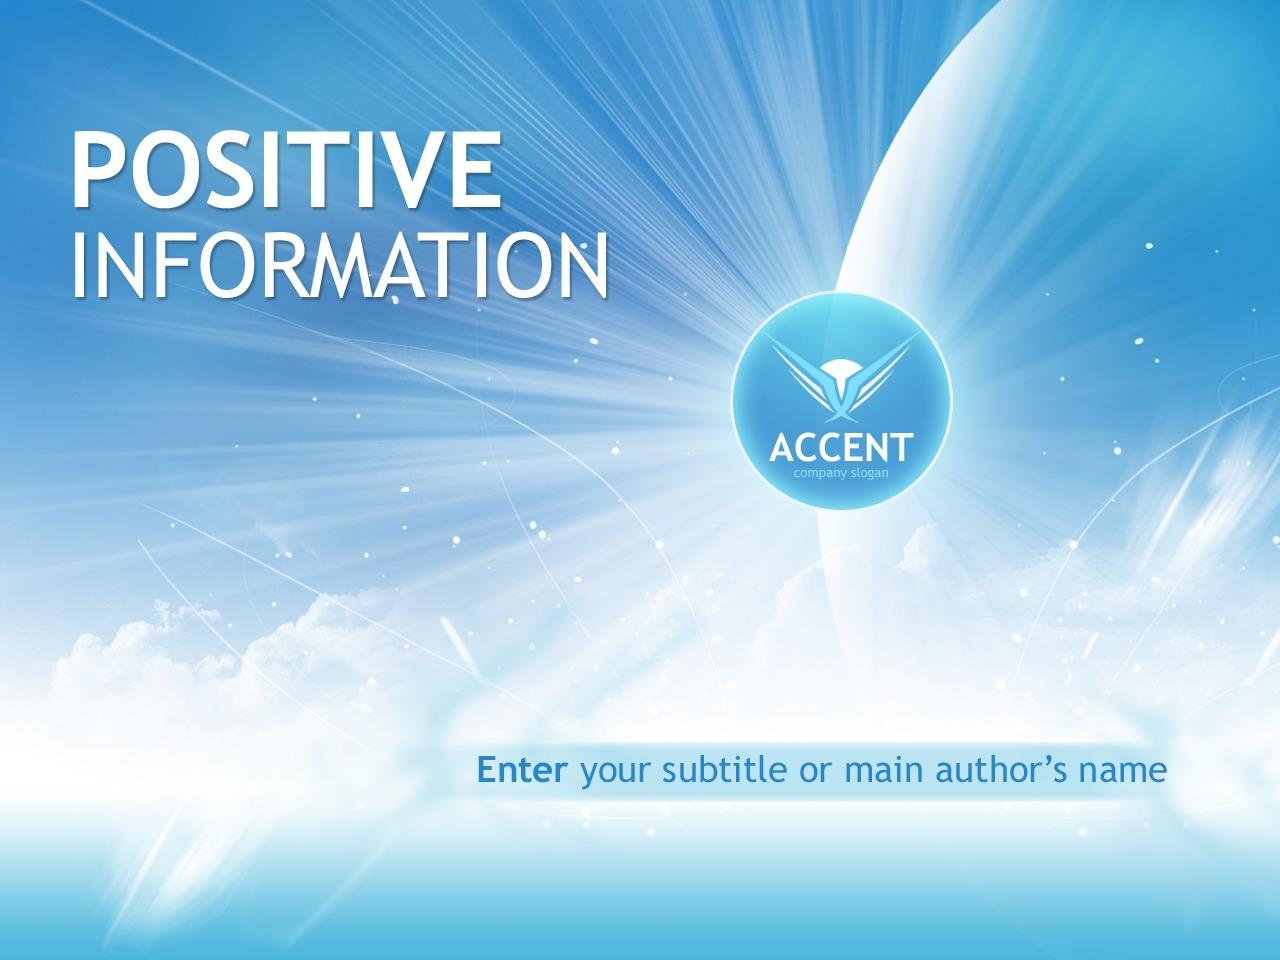 PowerPoint шаблон на тему бізнес та послуги №35982 - скріншот